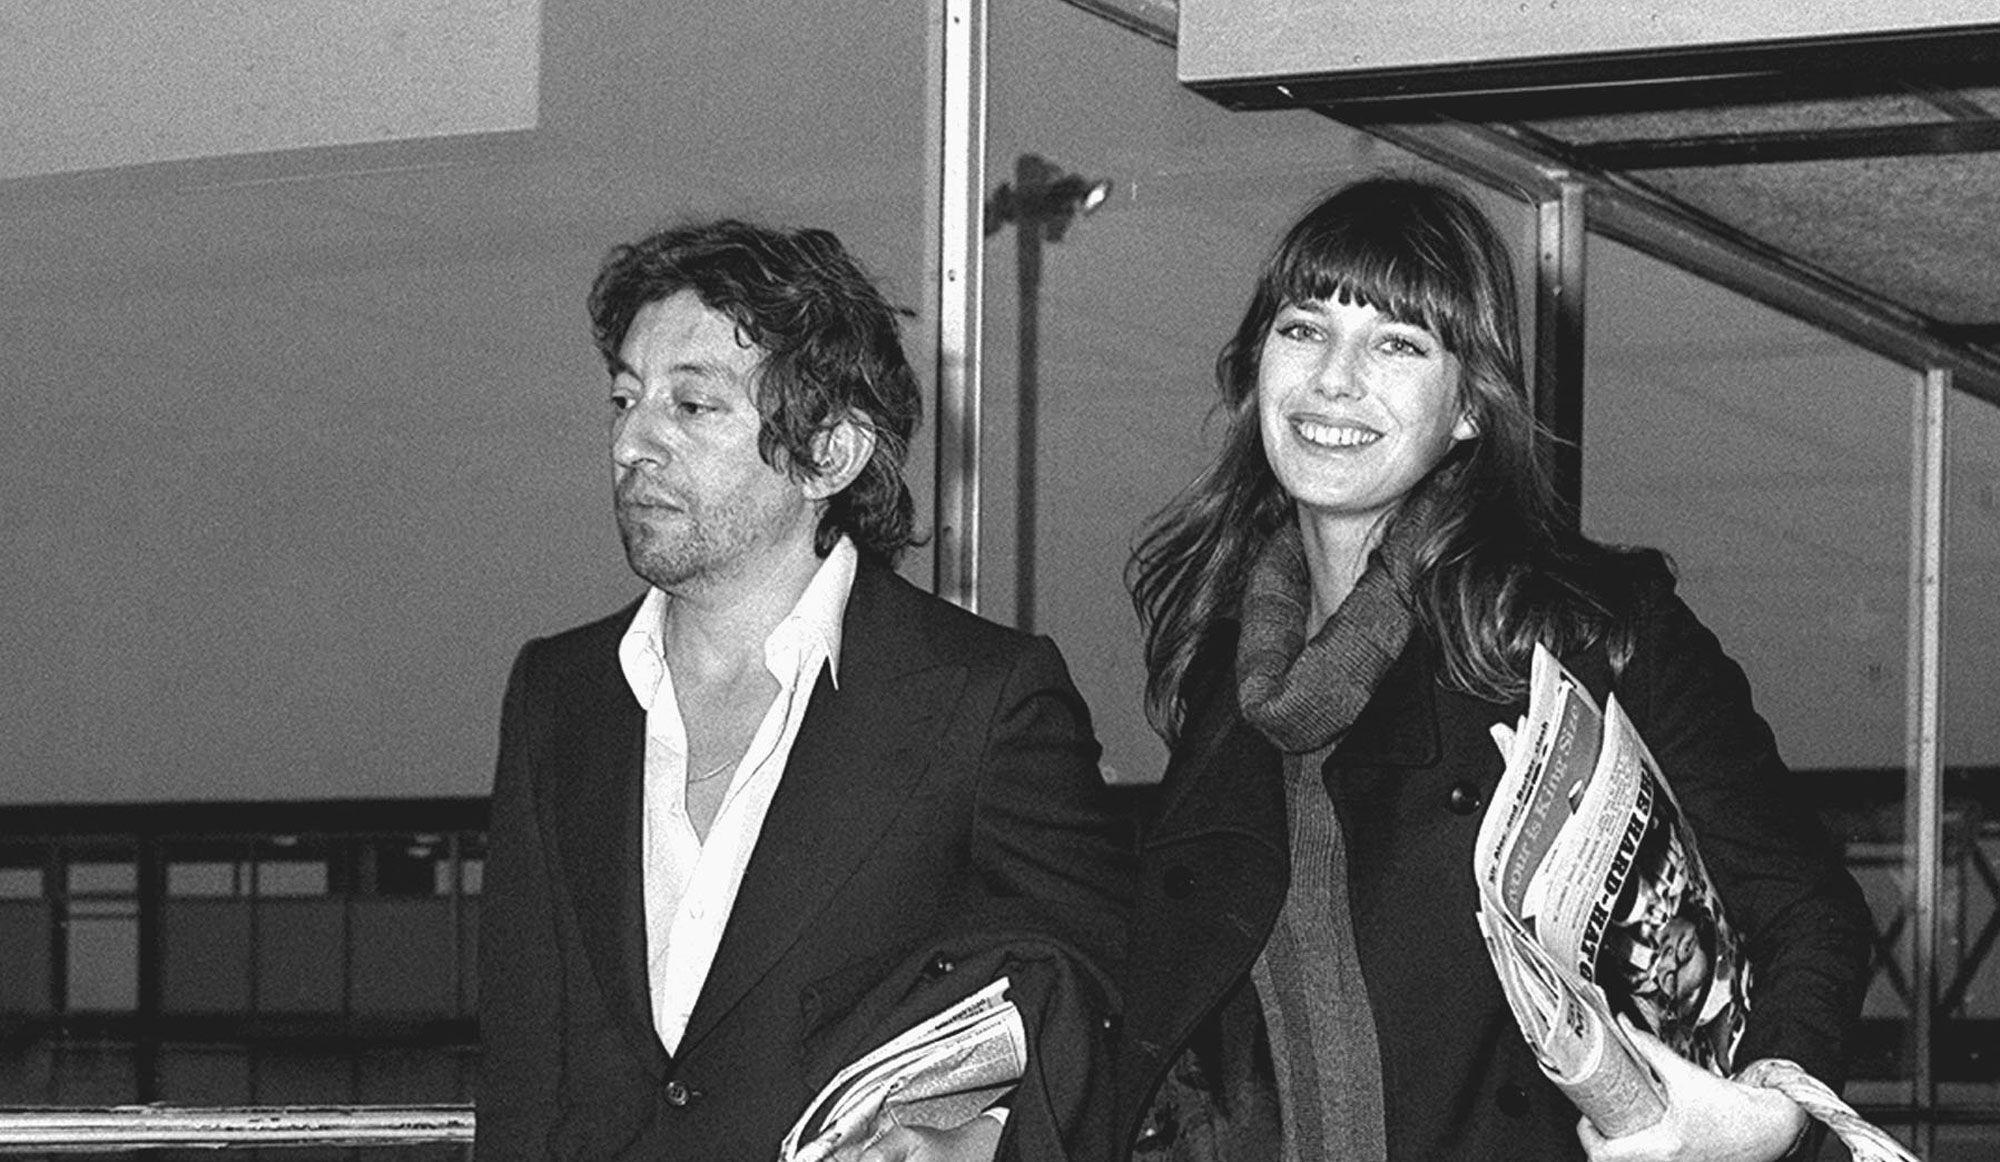 http://cdn-parismatch.ladmedia.fr/var/news/storage/images/paris-match/people/musique/jane-birkin-le-souvenir-de-serge-gainsbourg-161723/1696052-1-fre-FR/Jane-Birkin.-Le-souvenir-de-Serge-Gainsbourg.jpgからの画像